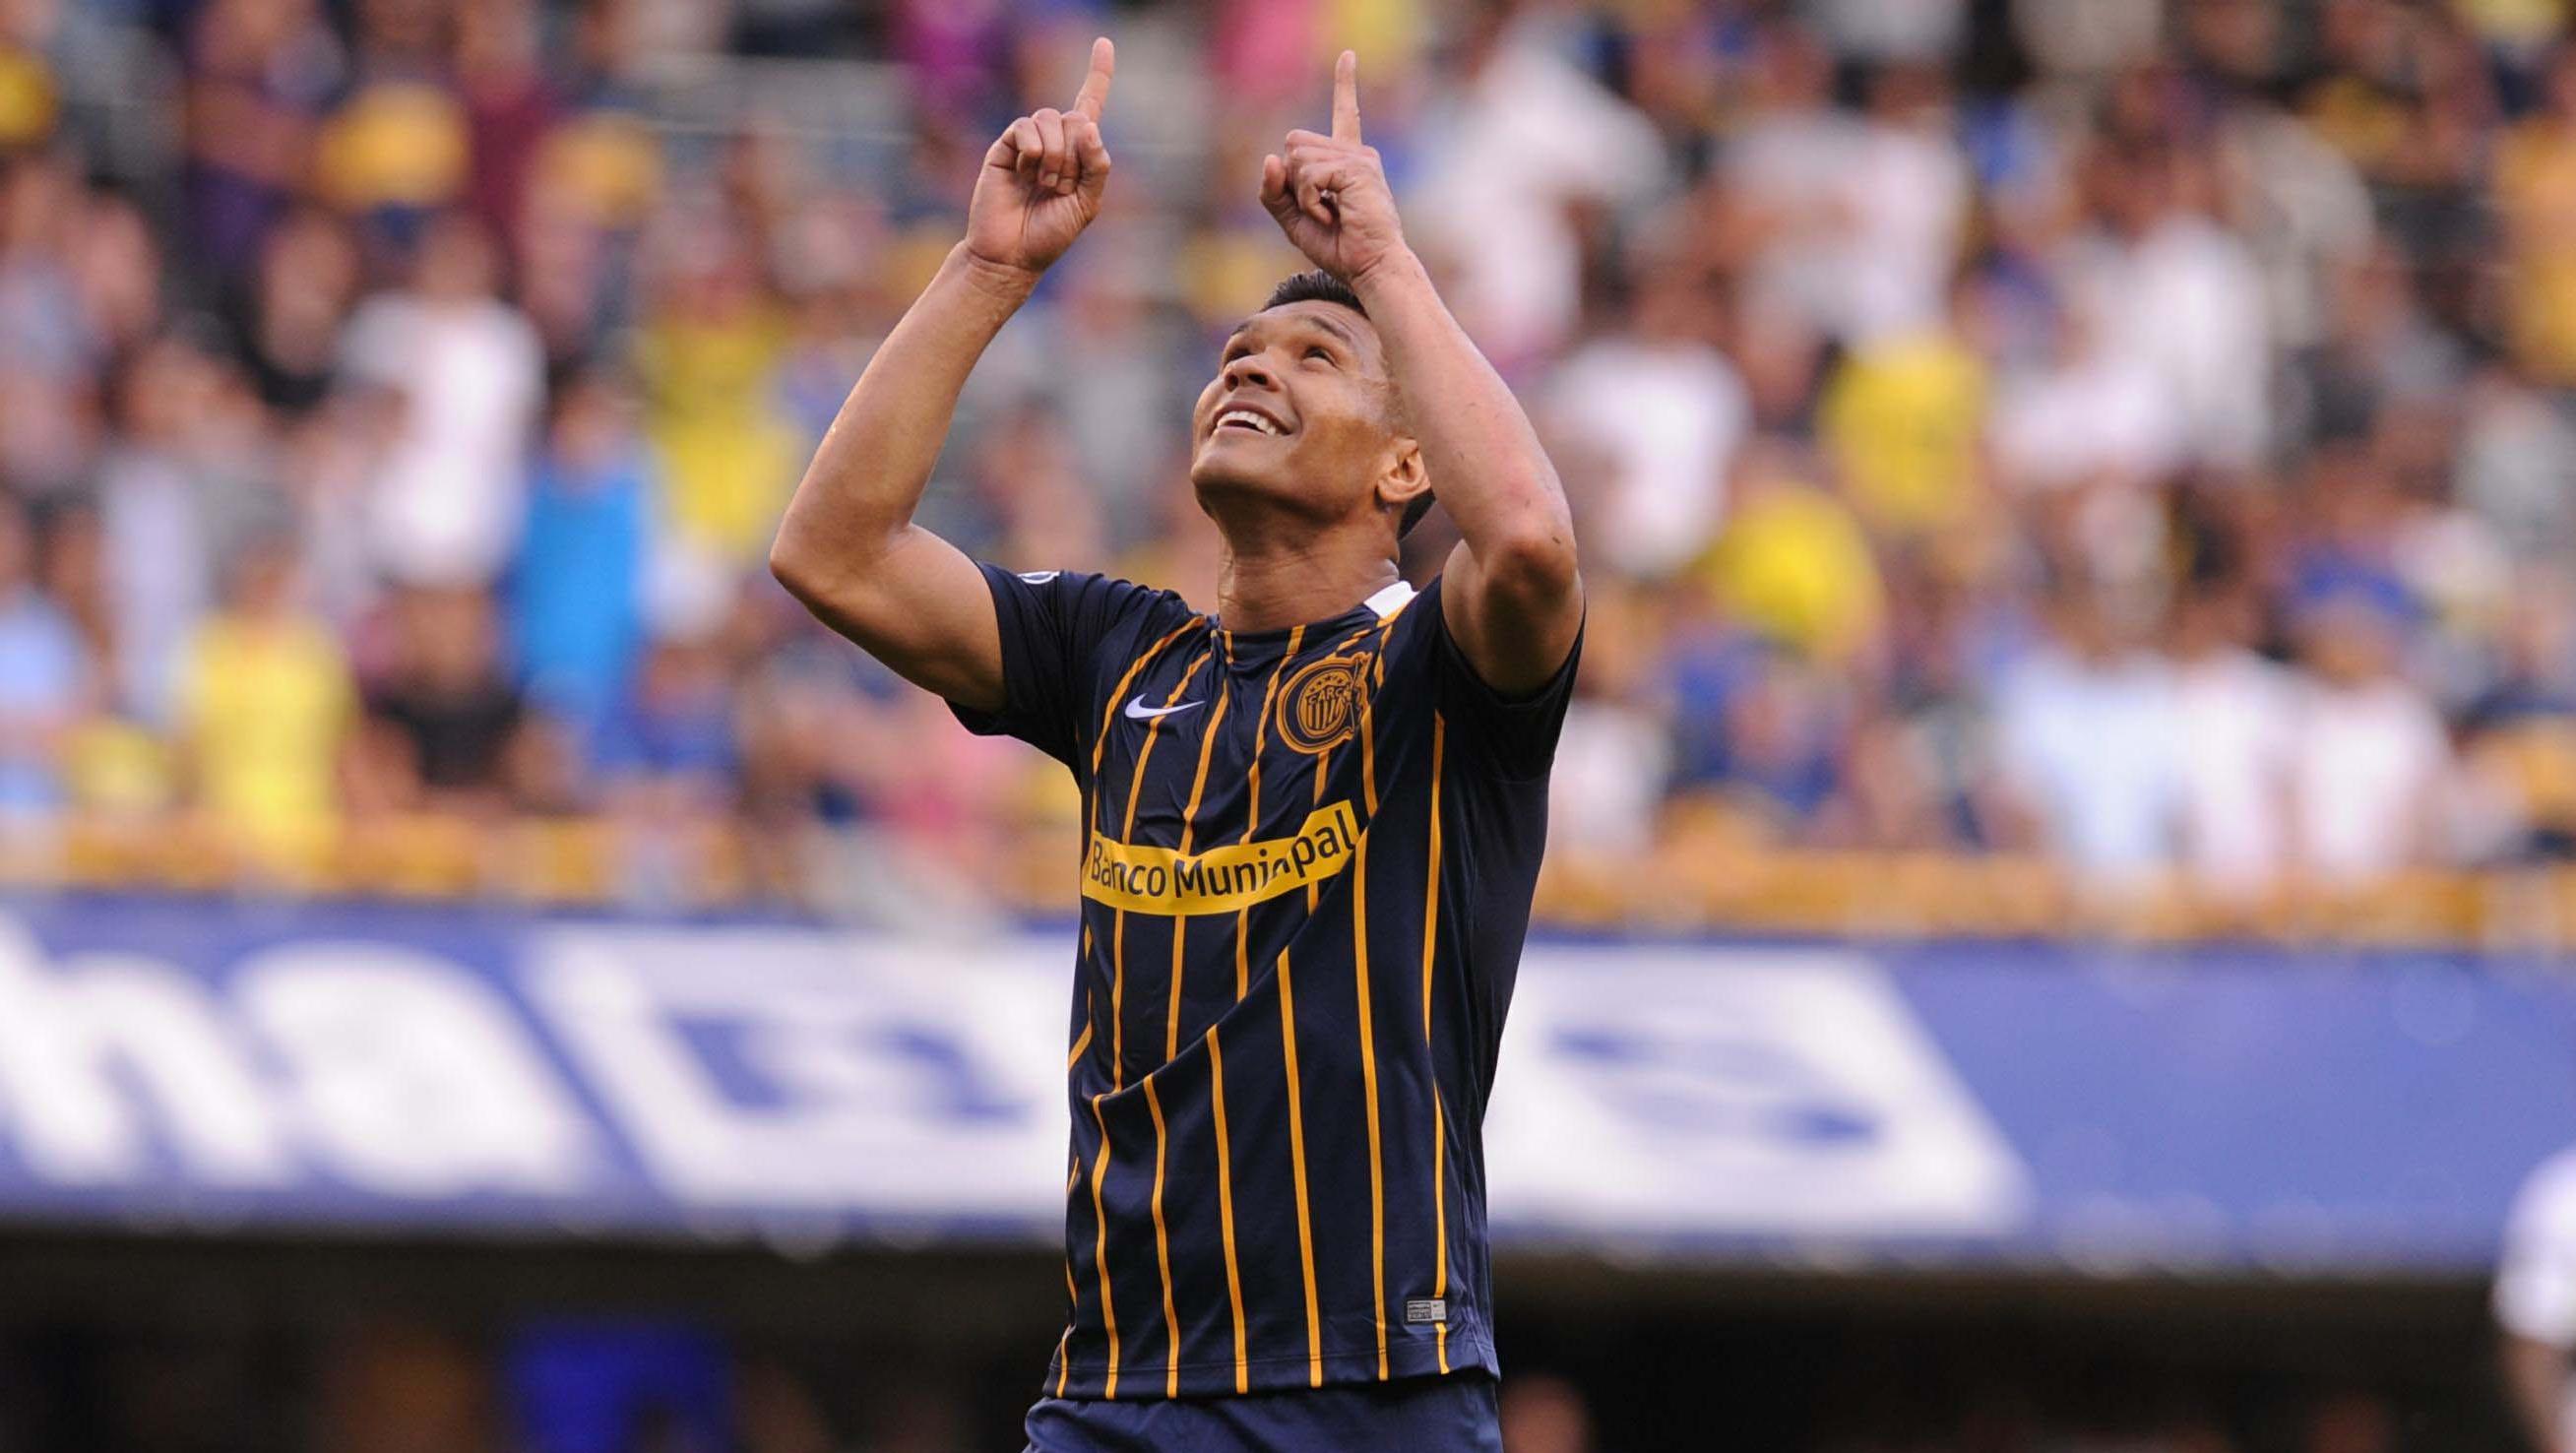 El futbolista tiene cinco días para presentarse ante el fiscal penal. (Foto: Télam)